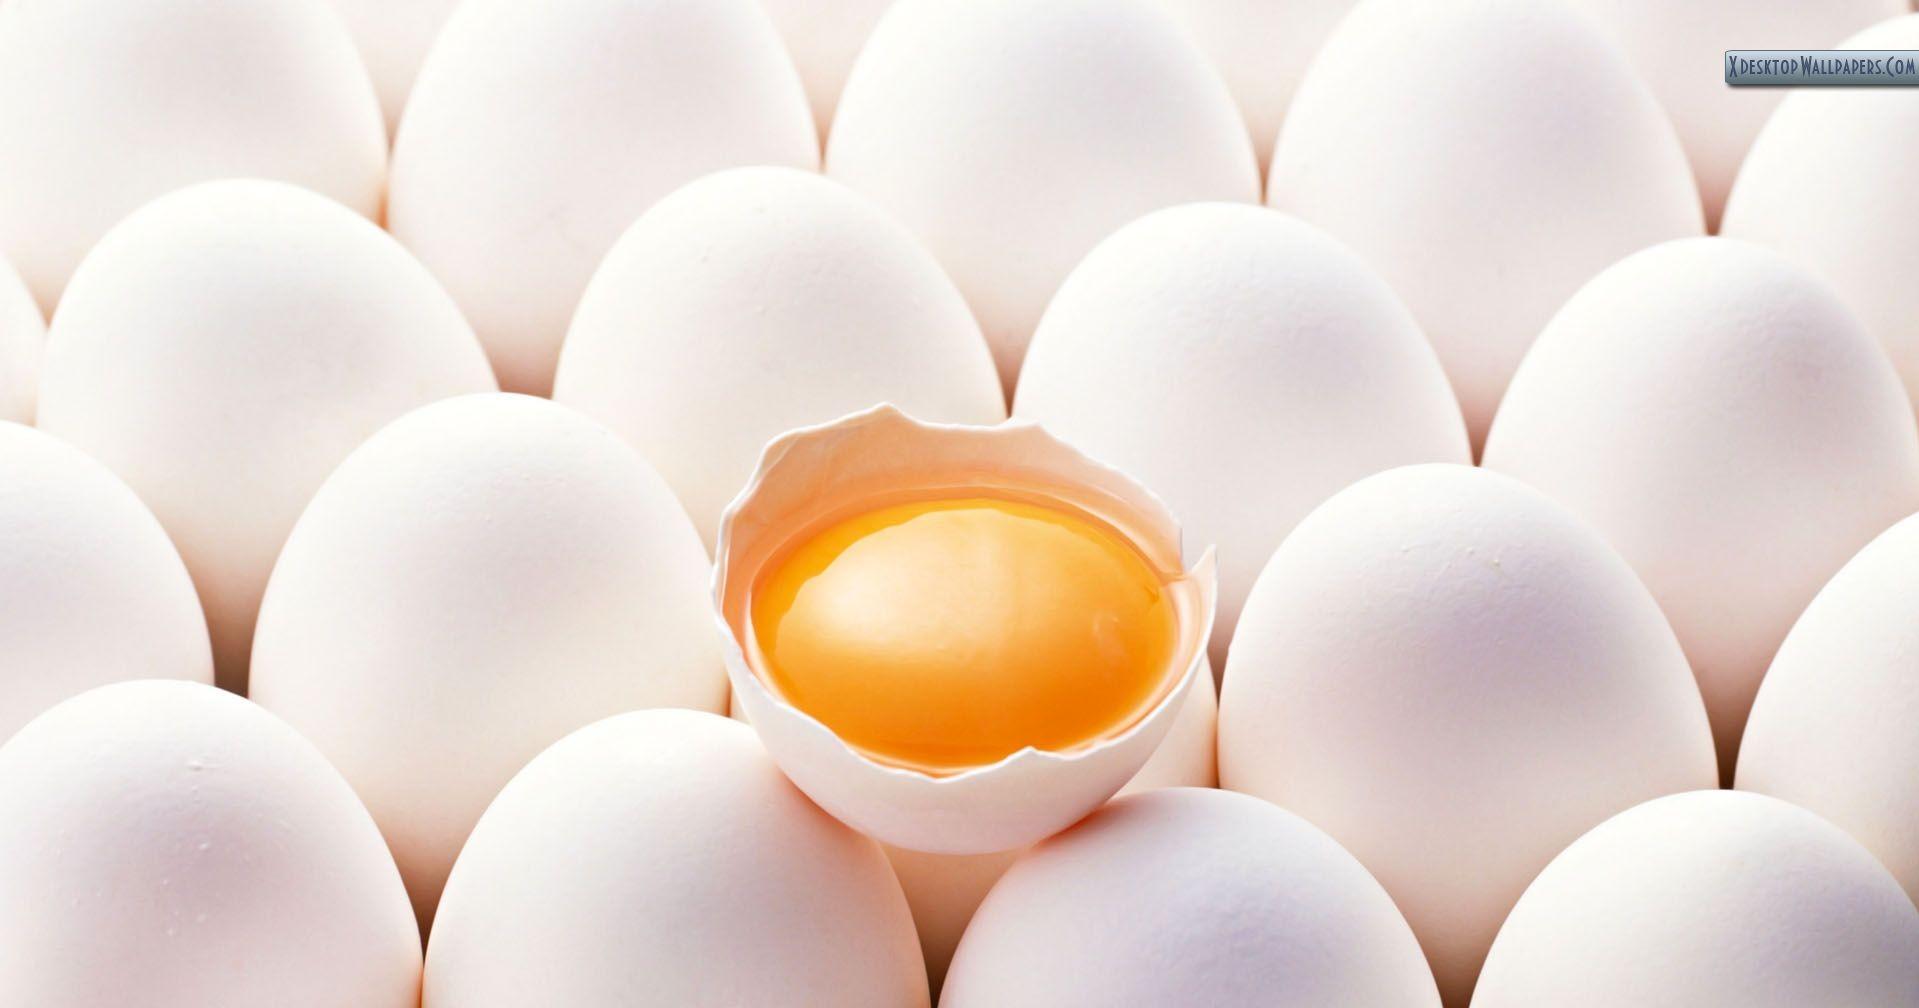 eggss1